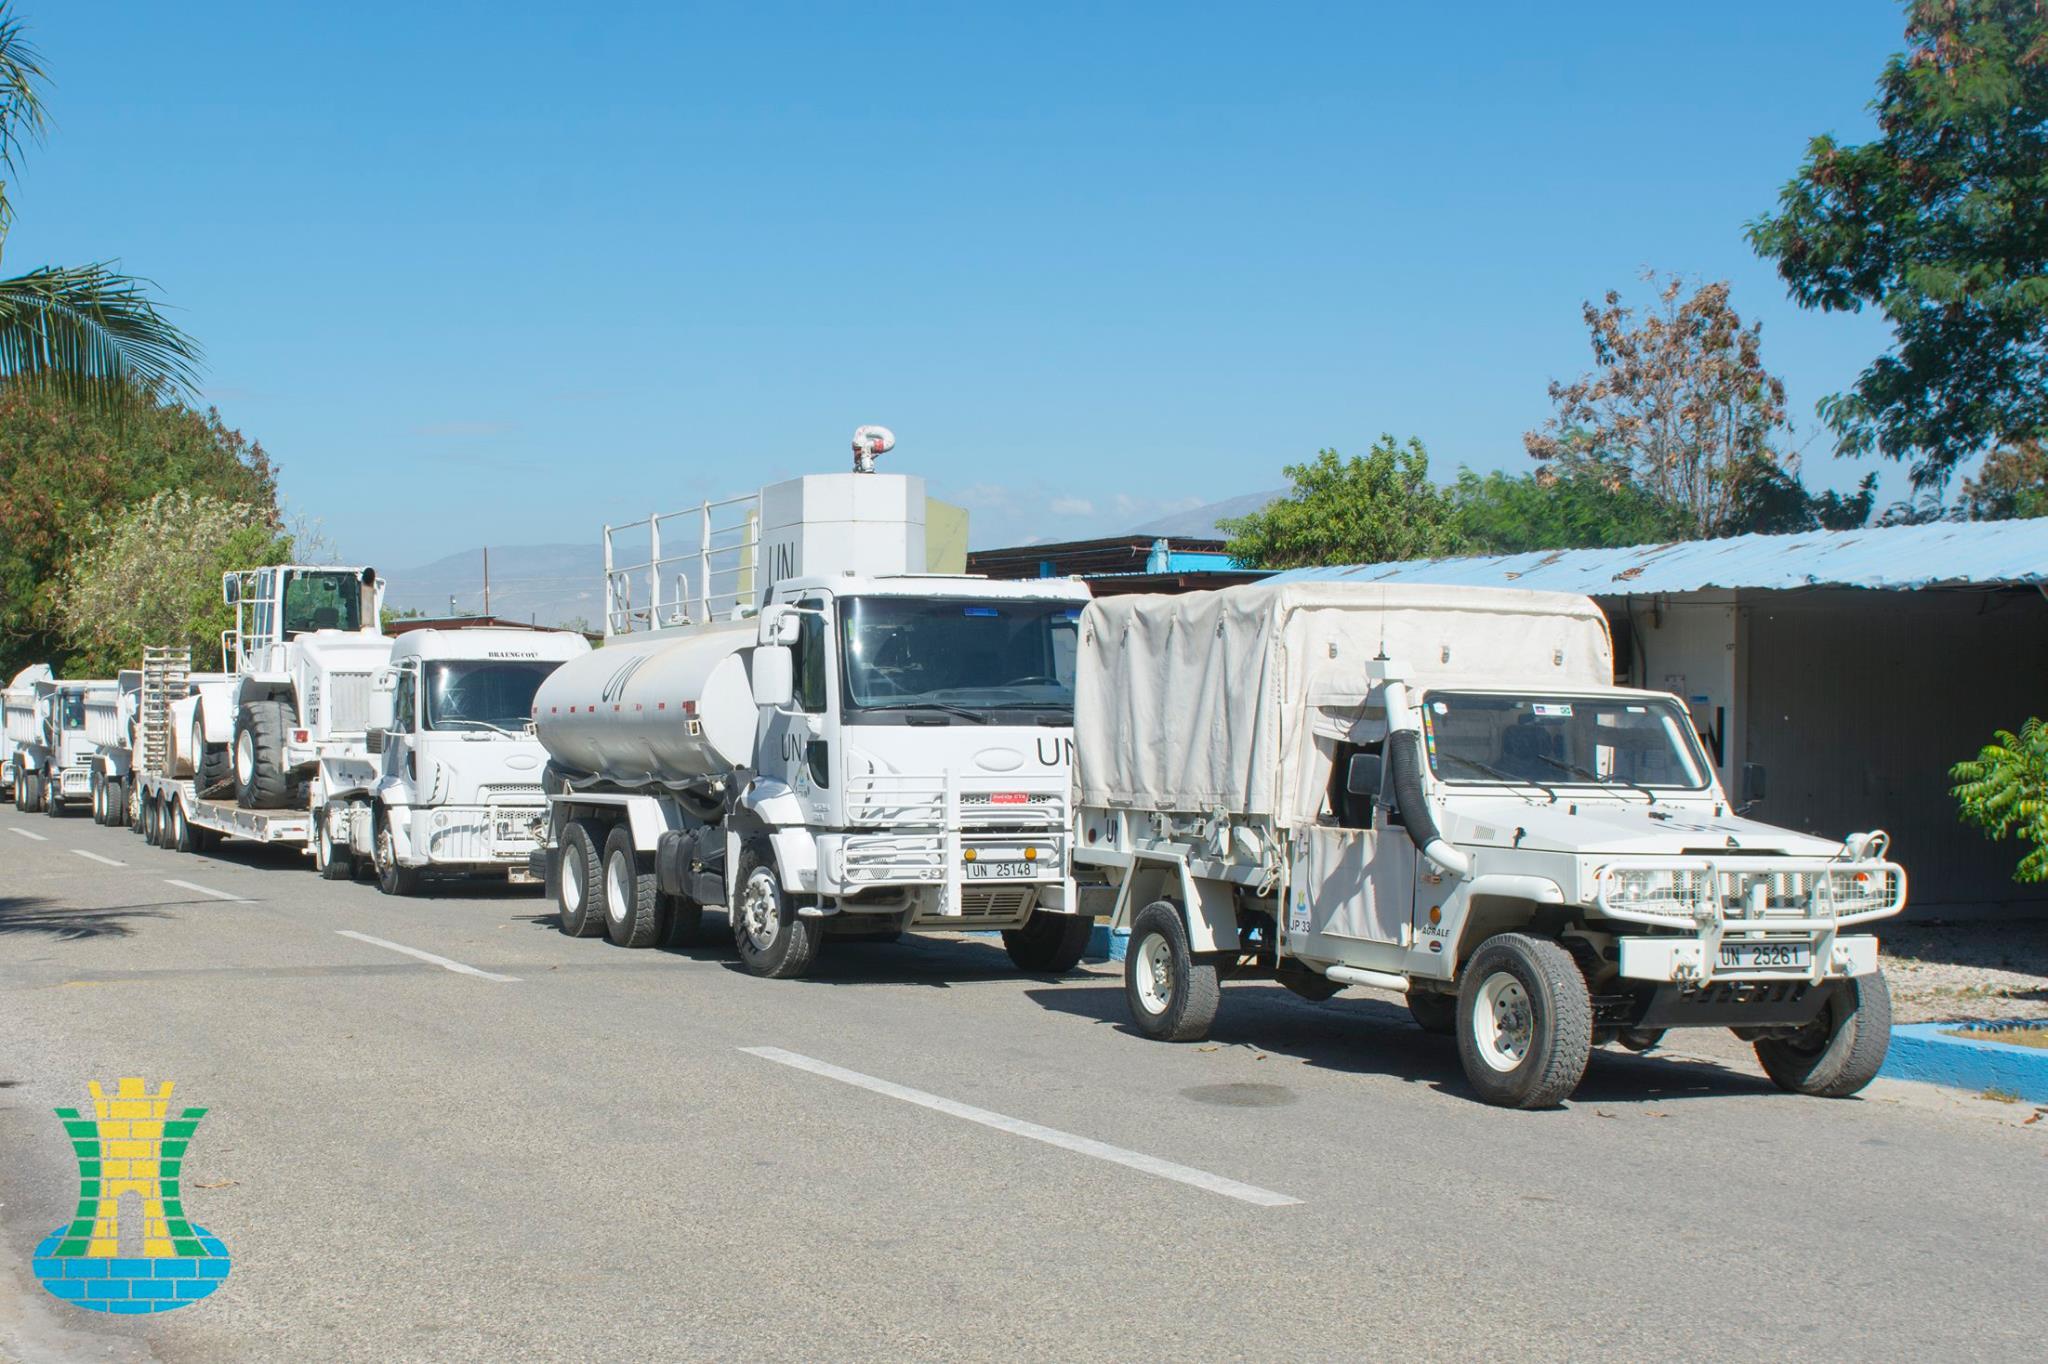 MINUSTAH: Companhia de Engenharia de Força de Paz Haiti apoia Componente Militar da ONU nos Departamentos do Sul e Grand-Anse.